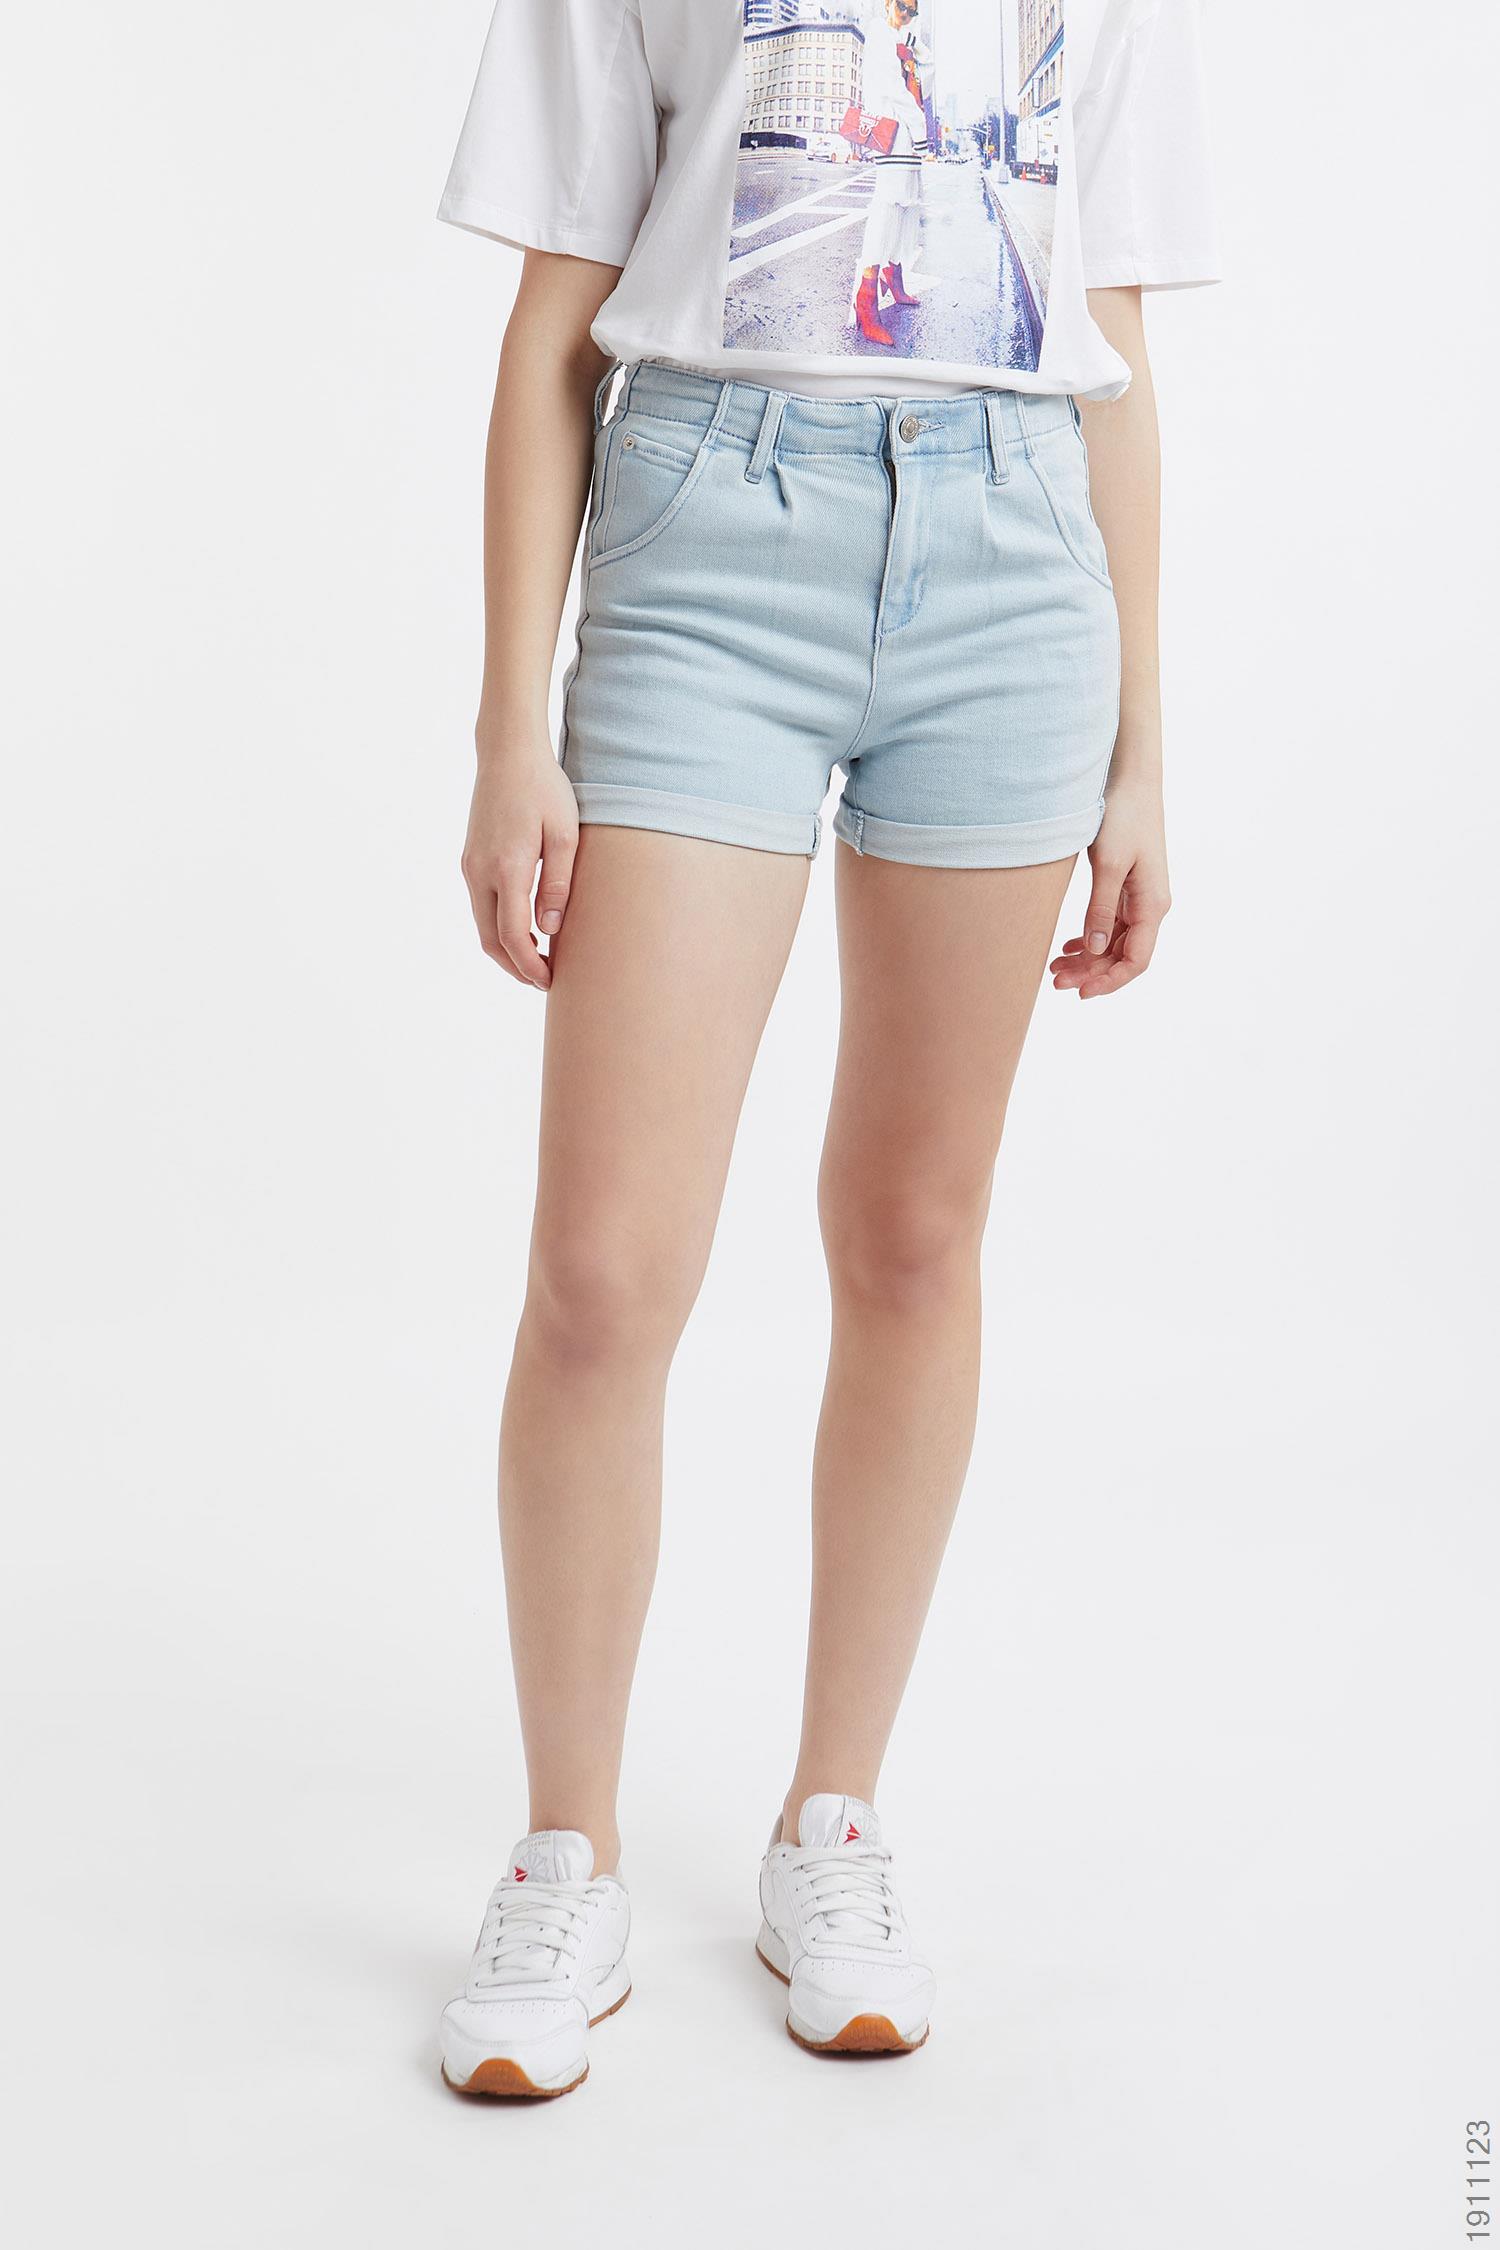 quần short nữ - 1911123